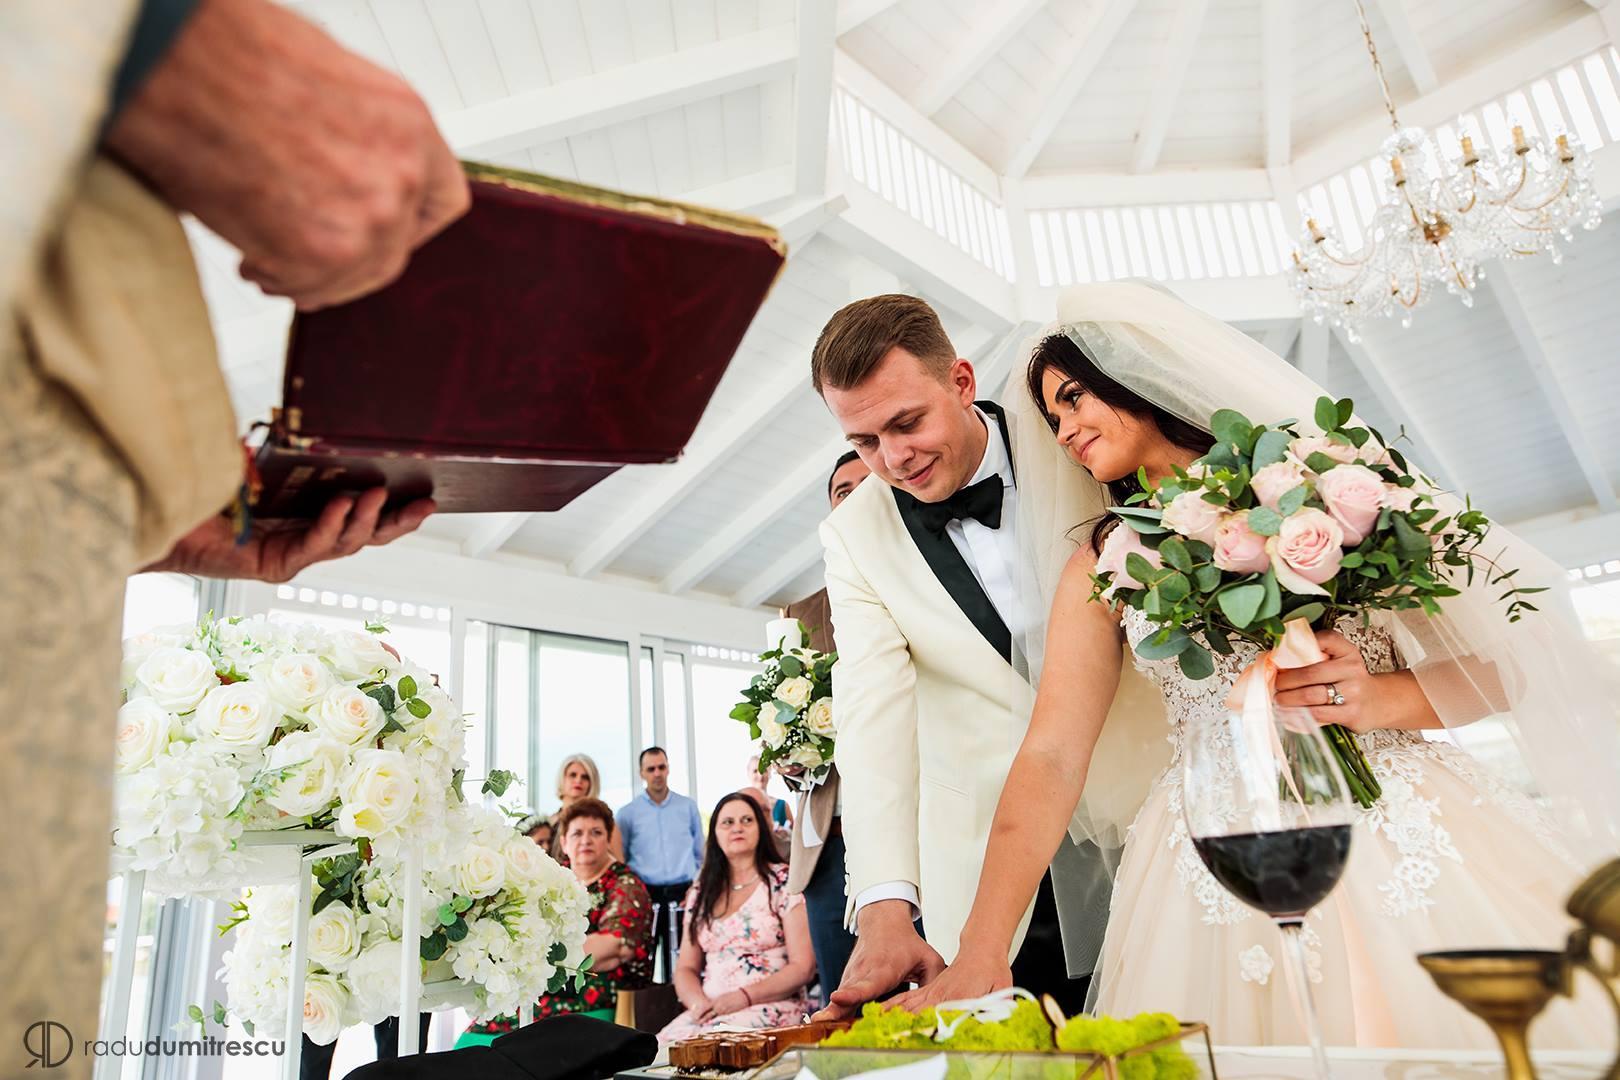 Cauta i un om catolic de nunta